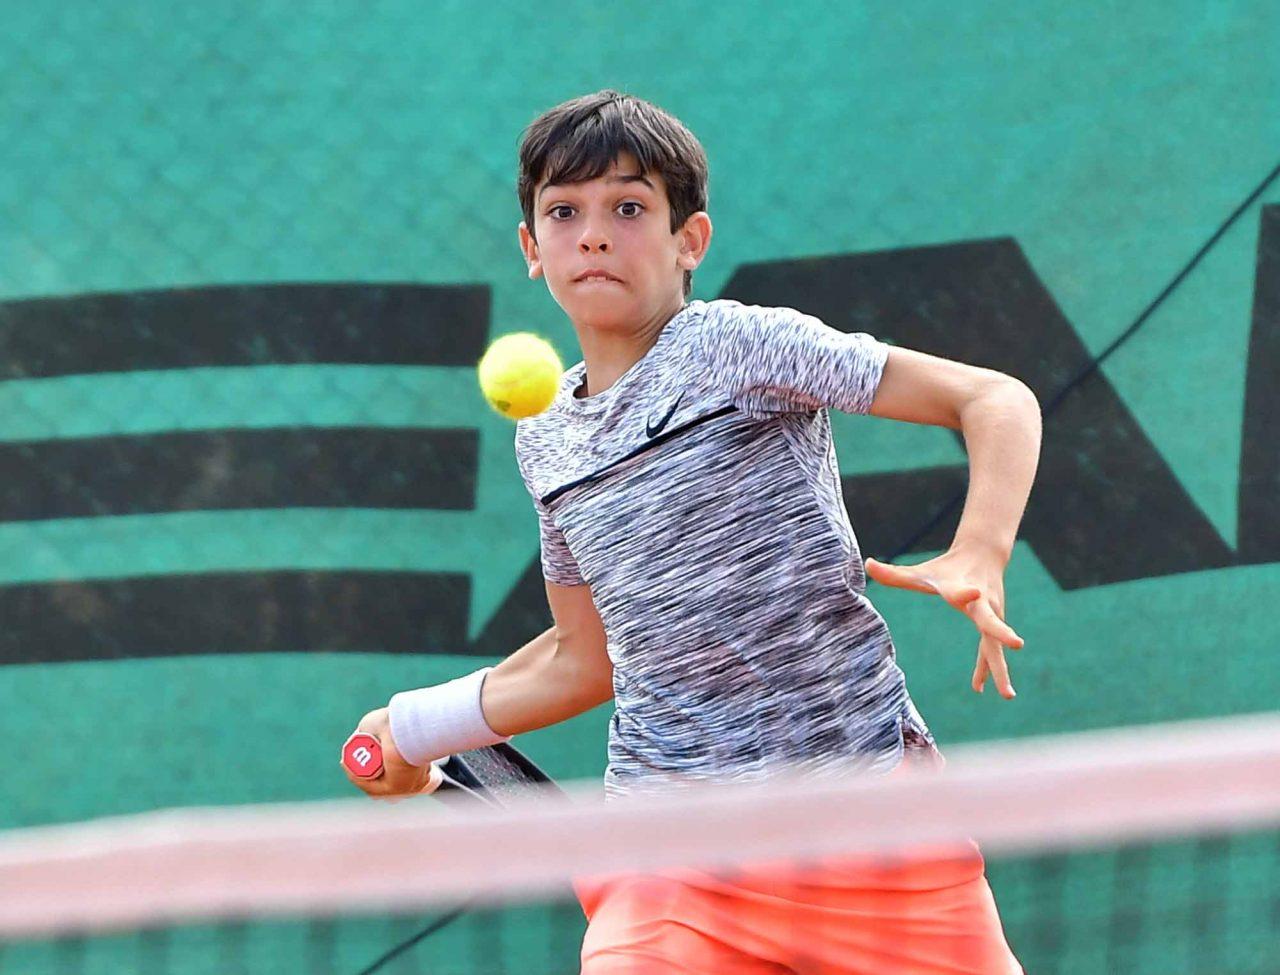 Държавно първенство тенис до 14 год. ТК 15-40 момчета (14)